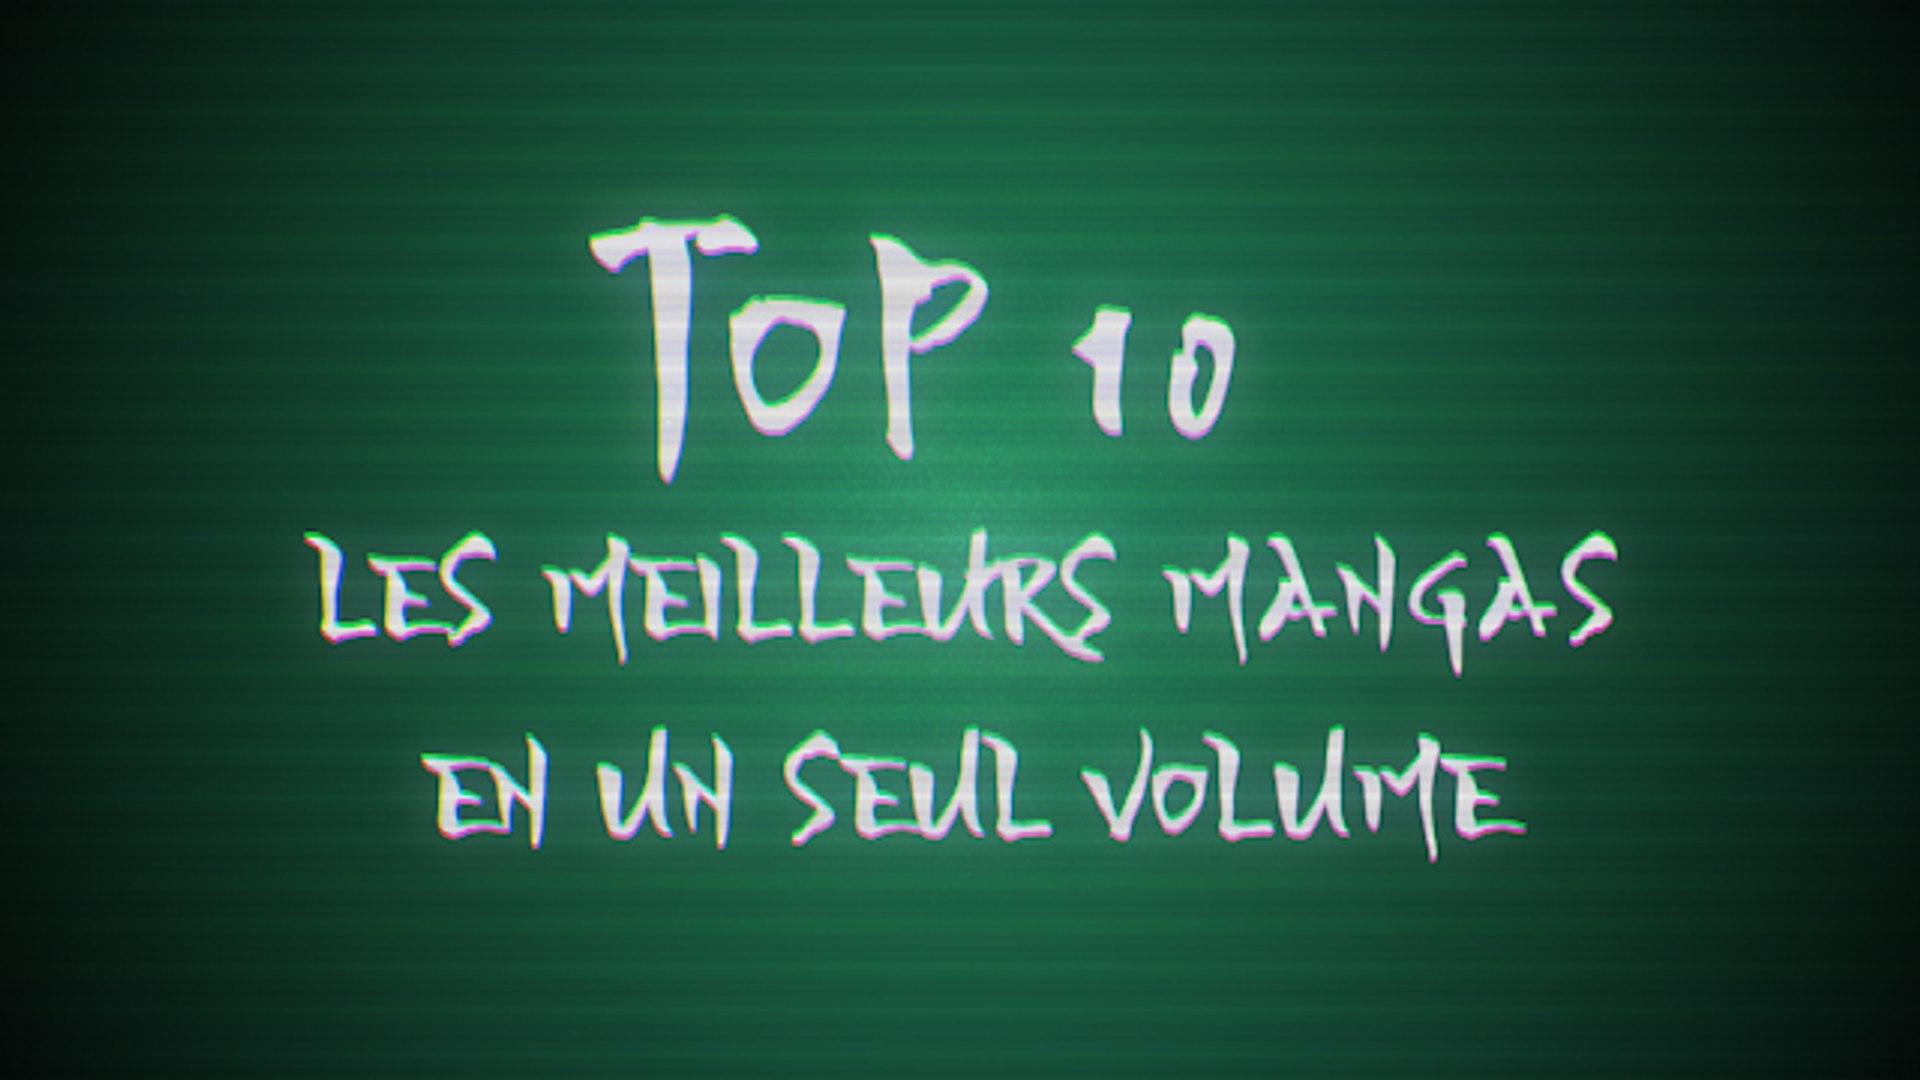 Top 10 : Les meilleurs mangas en un volume